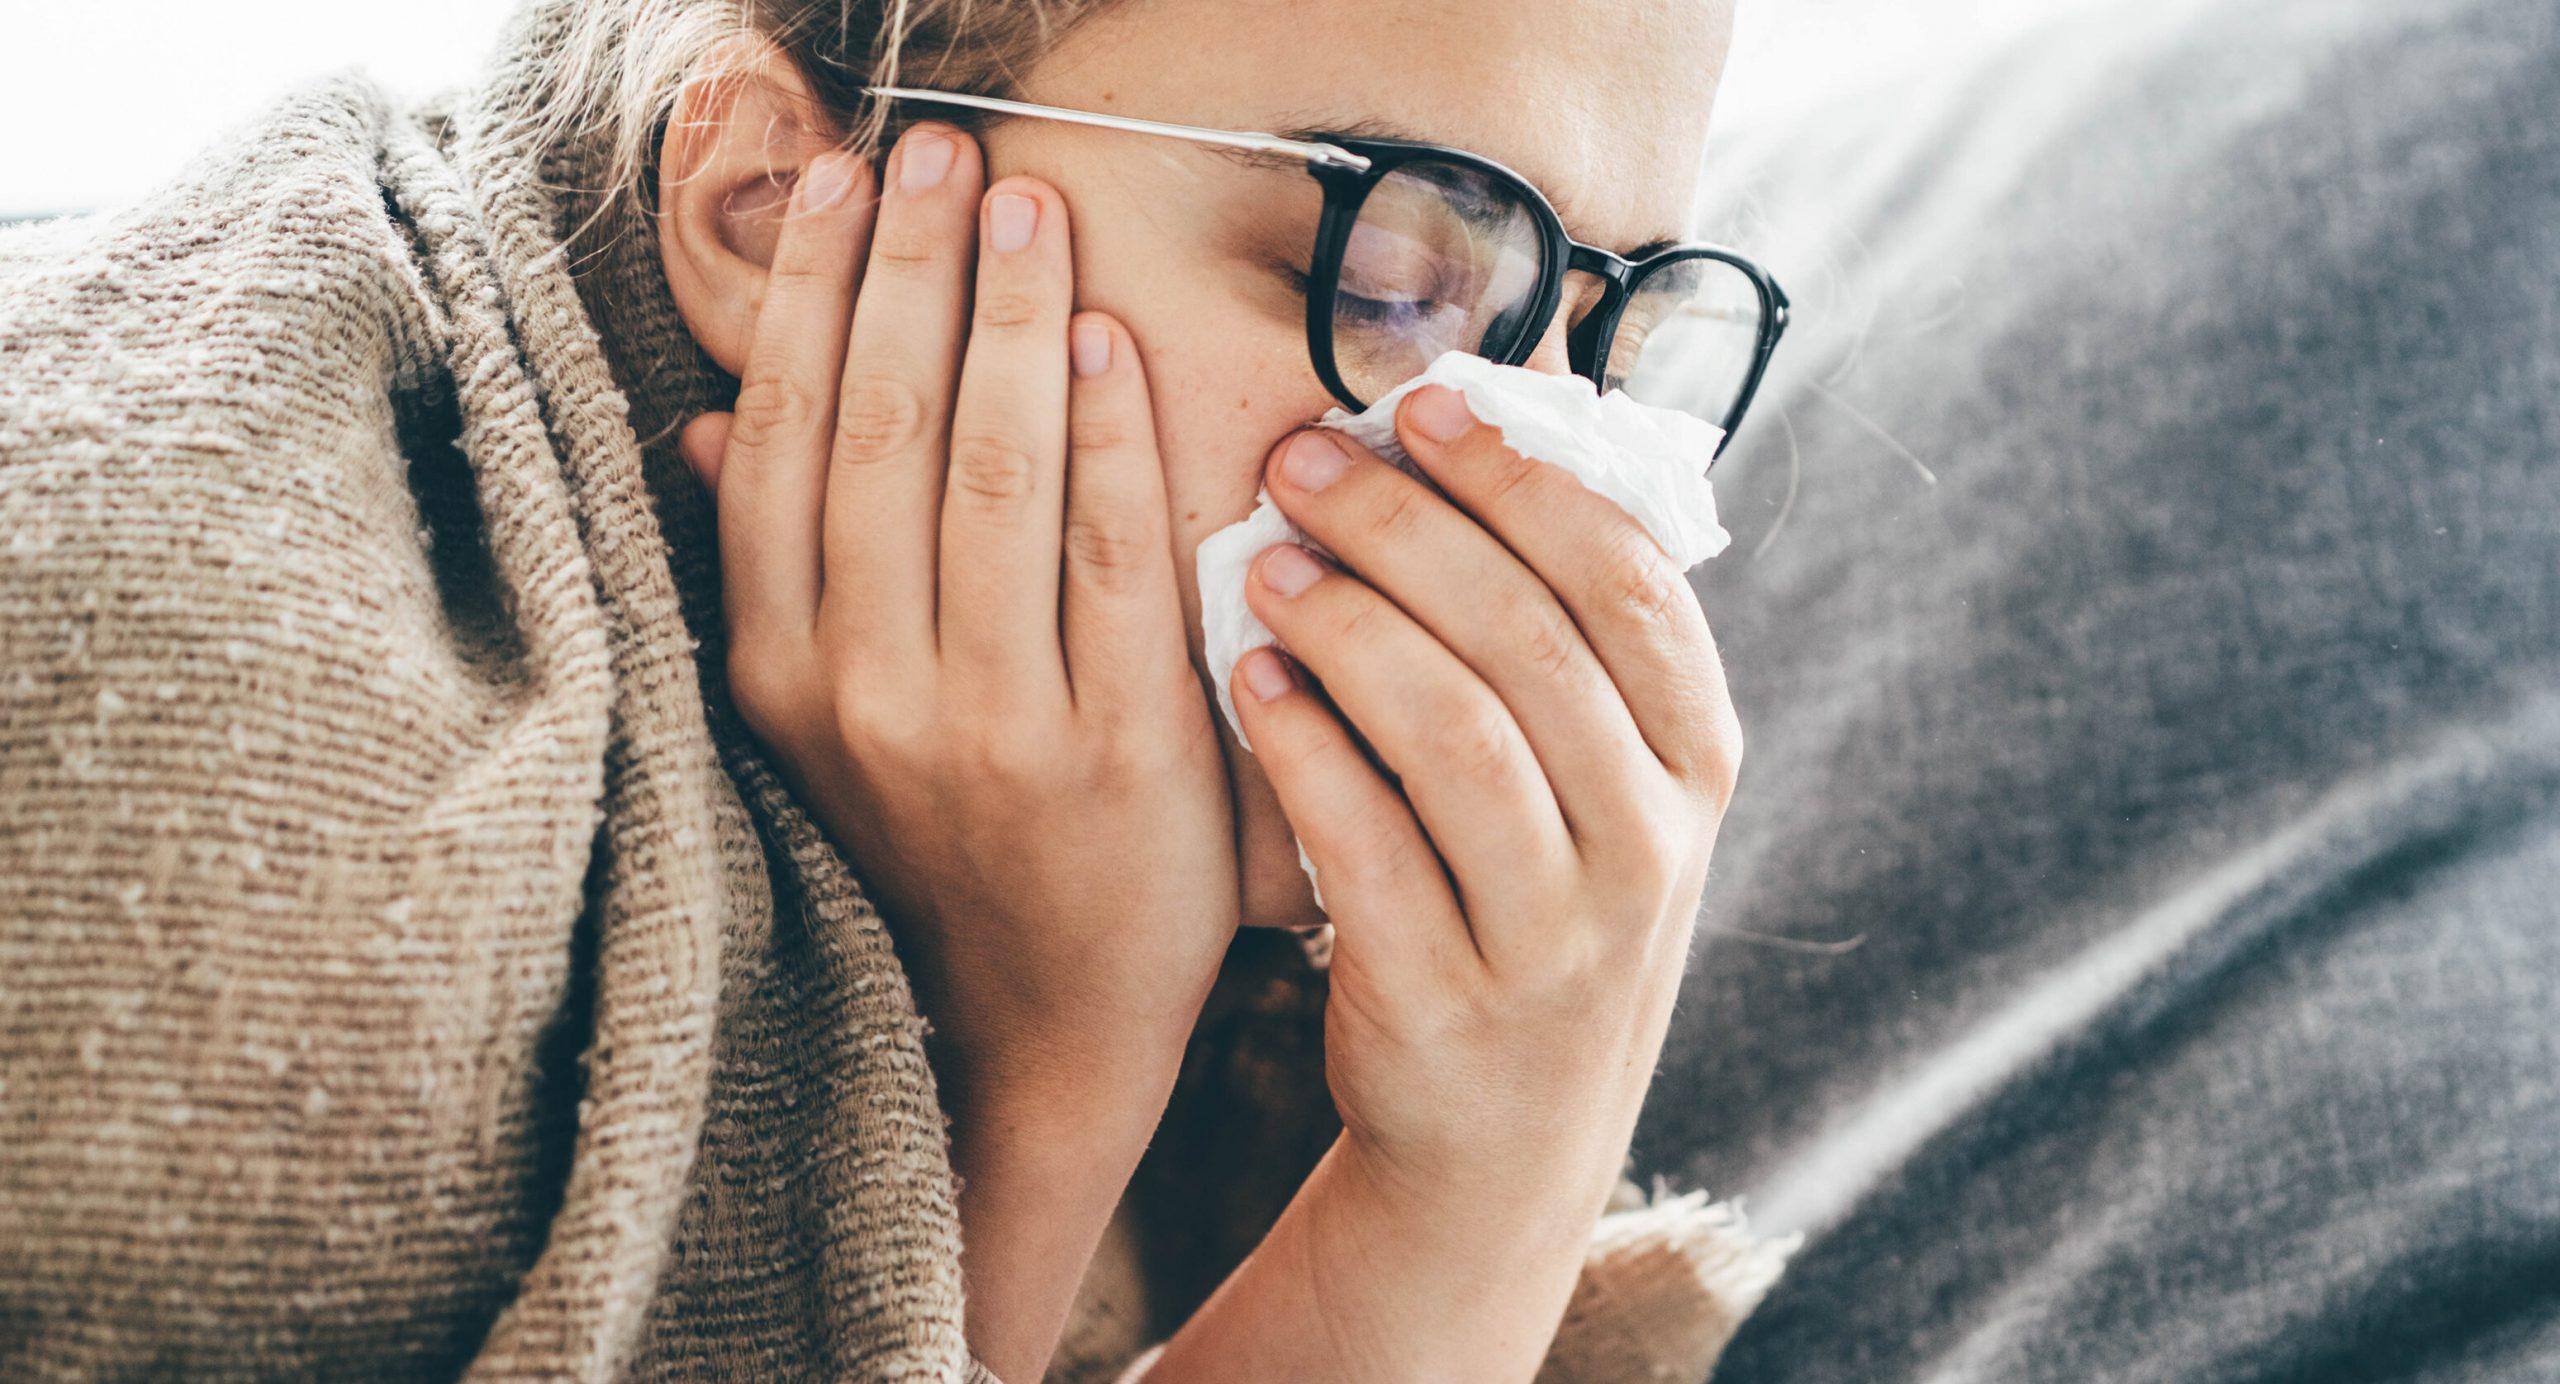 Simptomele caracteristice bolii Covid s-au schimbat, avertizează medicii. Varianta Delta se manifestă diferit